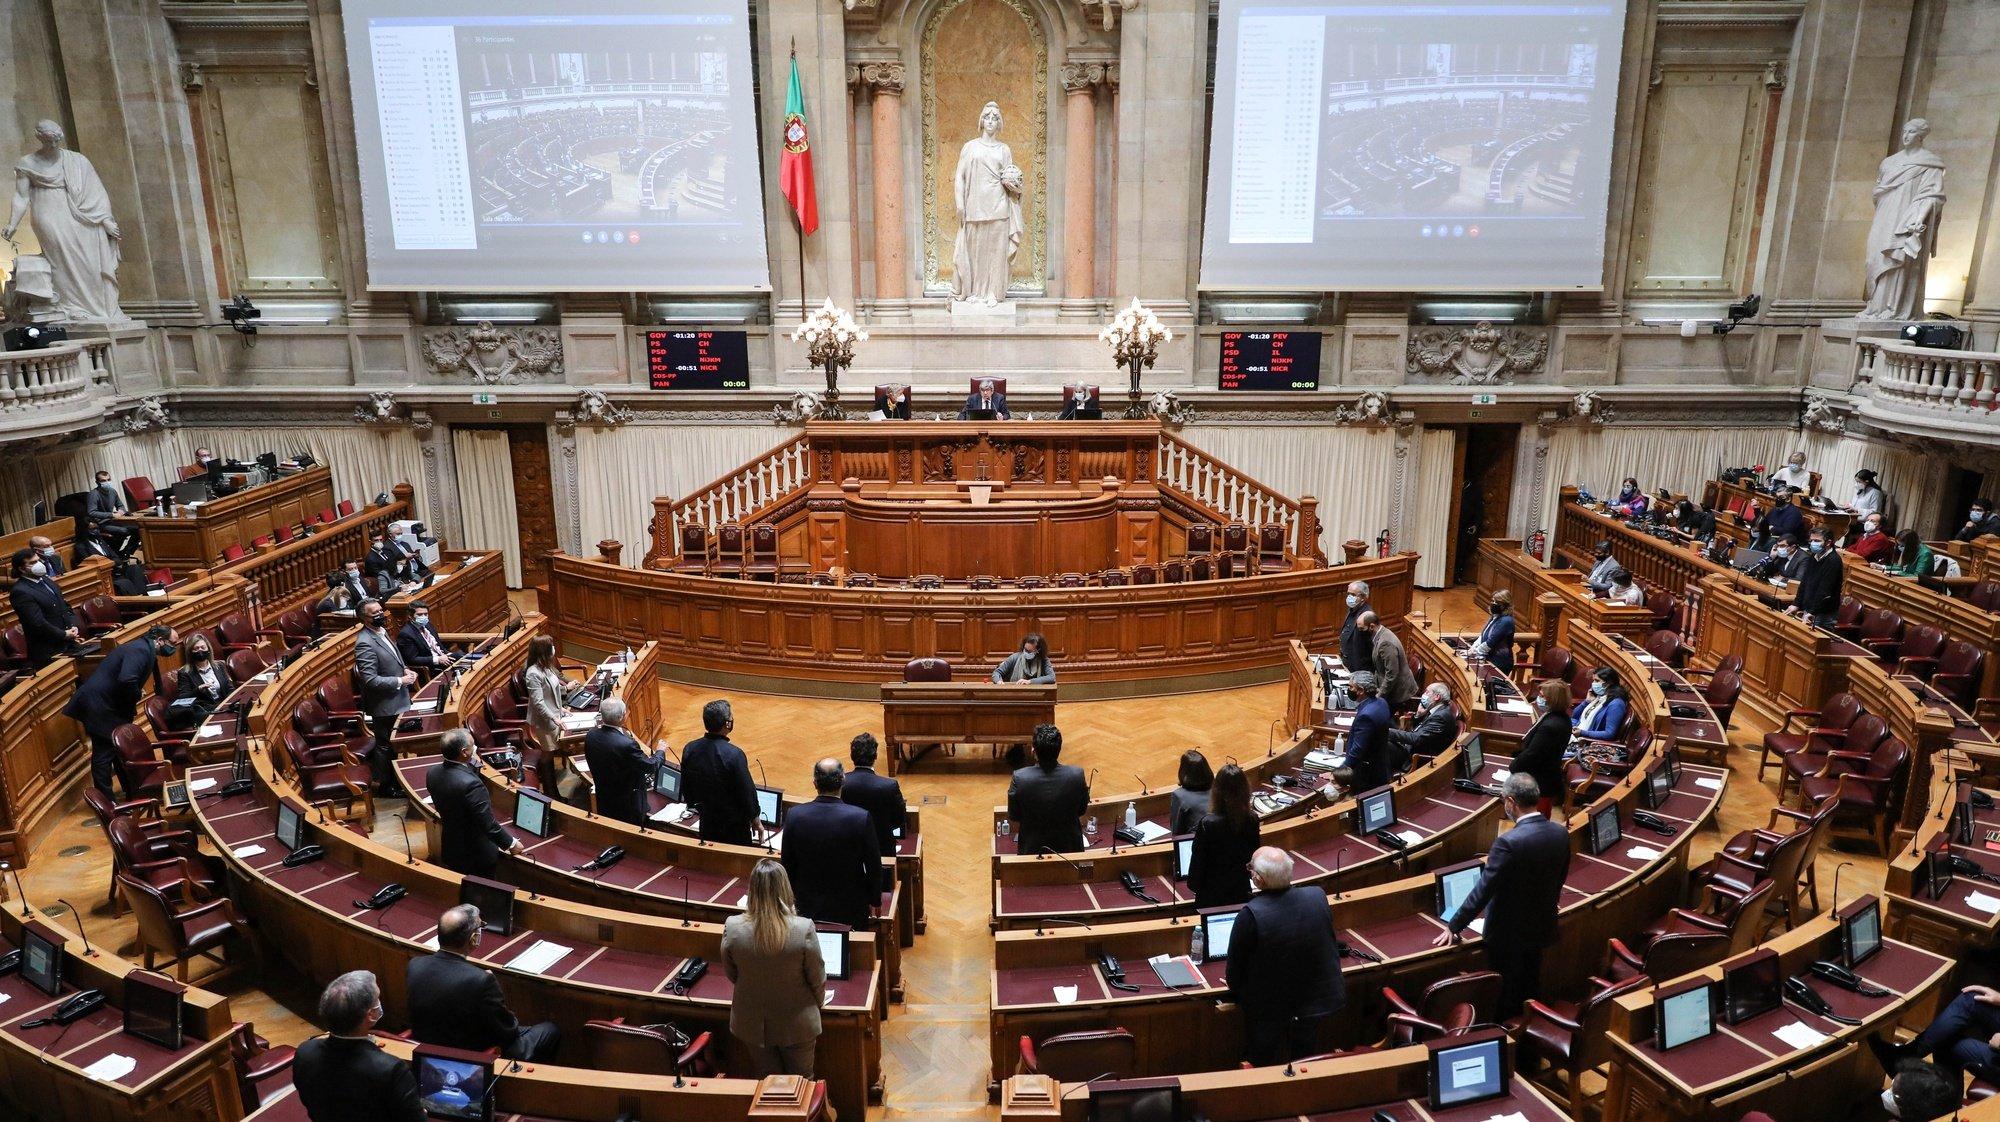 Deputados durante a votação final global da despenalização da morte medicamente assistida, esta tarde na Assembleia da República, em Lisboa, 29 de janeiro de 2021. MIGUEL A. LOPES/LUSA